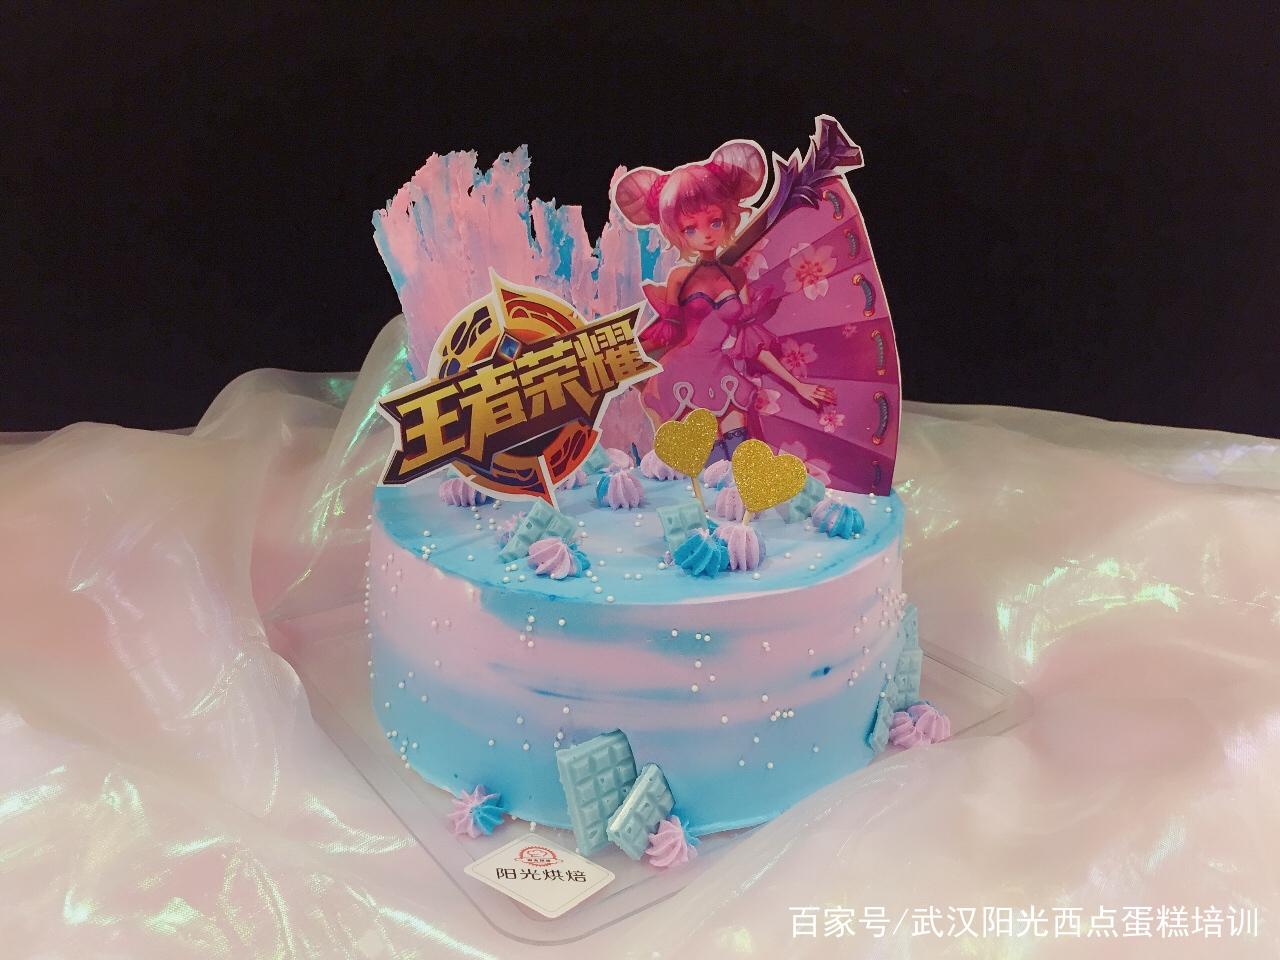 生日蛋糕制作知识大全!武汉蛋糕培训,学蛋糕前景怎么样?